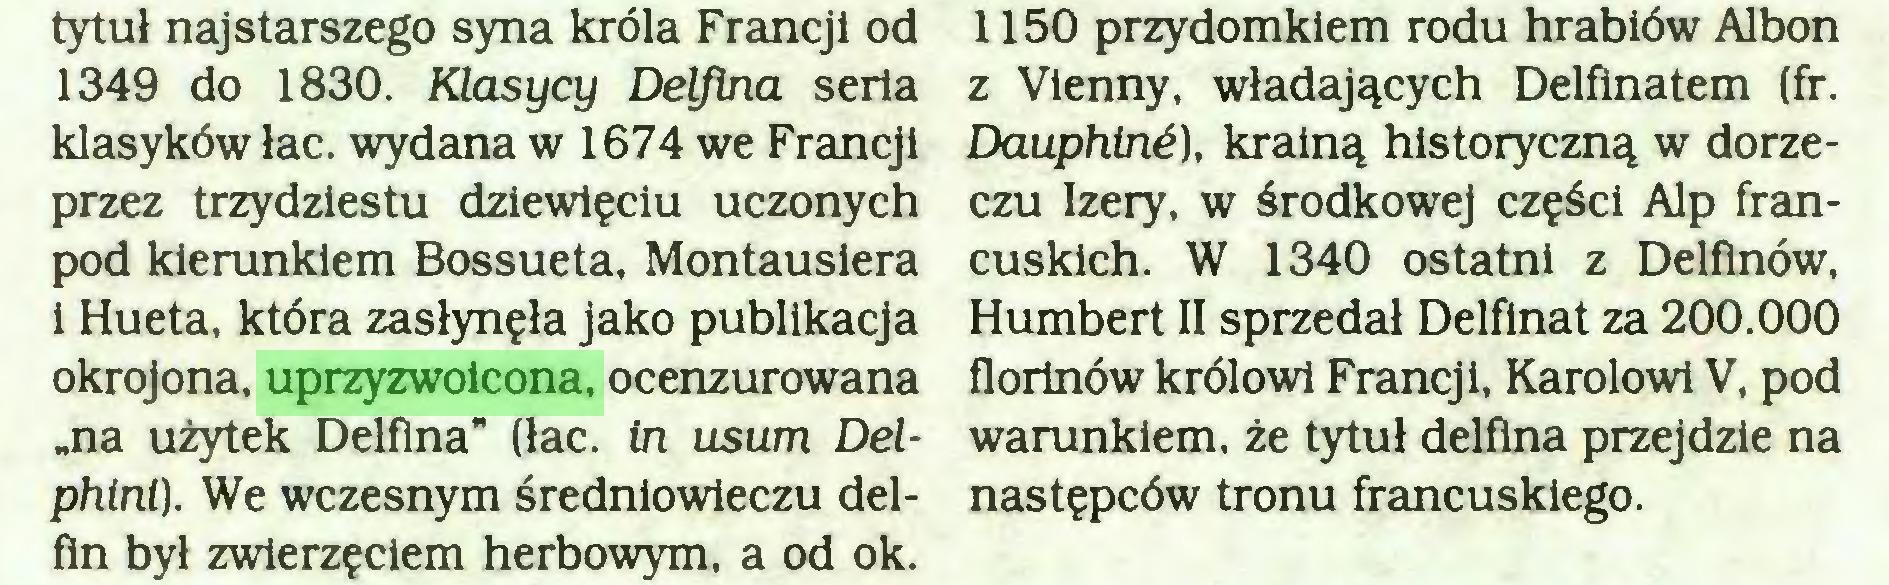 """(...) klasyków łac. wydana w 1674 we Francji przez trzydziestu dziewięciu uczonych pod kierunkiem Bossueta, Montausiera i Hueta, która zasłynęła jako publikacja okrojona, uprzyzwoicona, ocenzurowana """"na użytek Delfina"""" (łac. in usum Delphini). We wczesnym średniowieczu delfin był zwierzęciem herbowym, a od ok. 1150 przydomkiem rodu hrabiów Albon z Vienny, władających Delfinatem (fr..."""